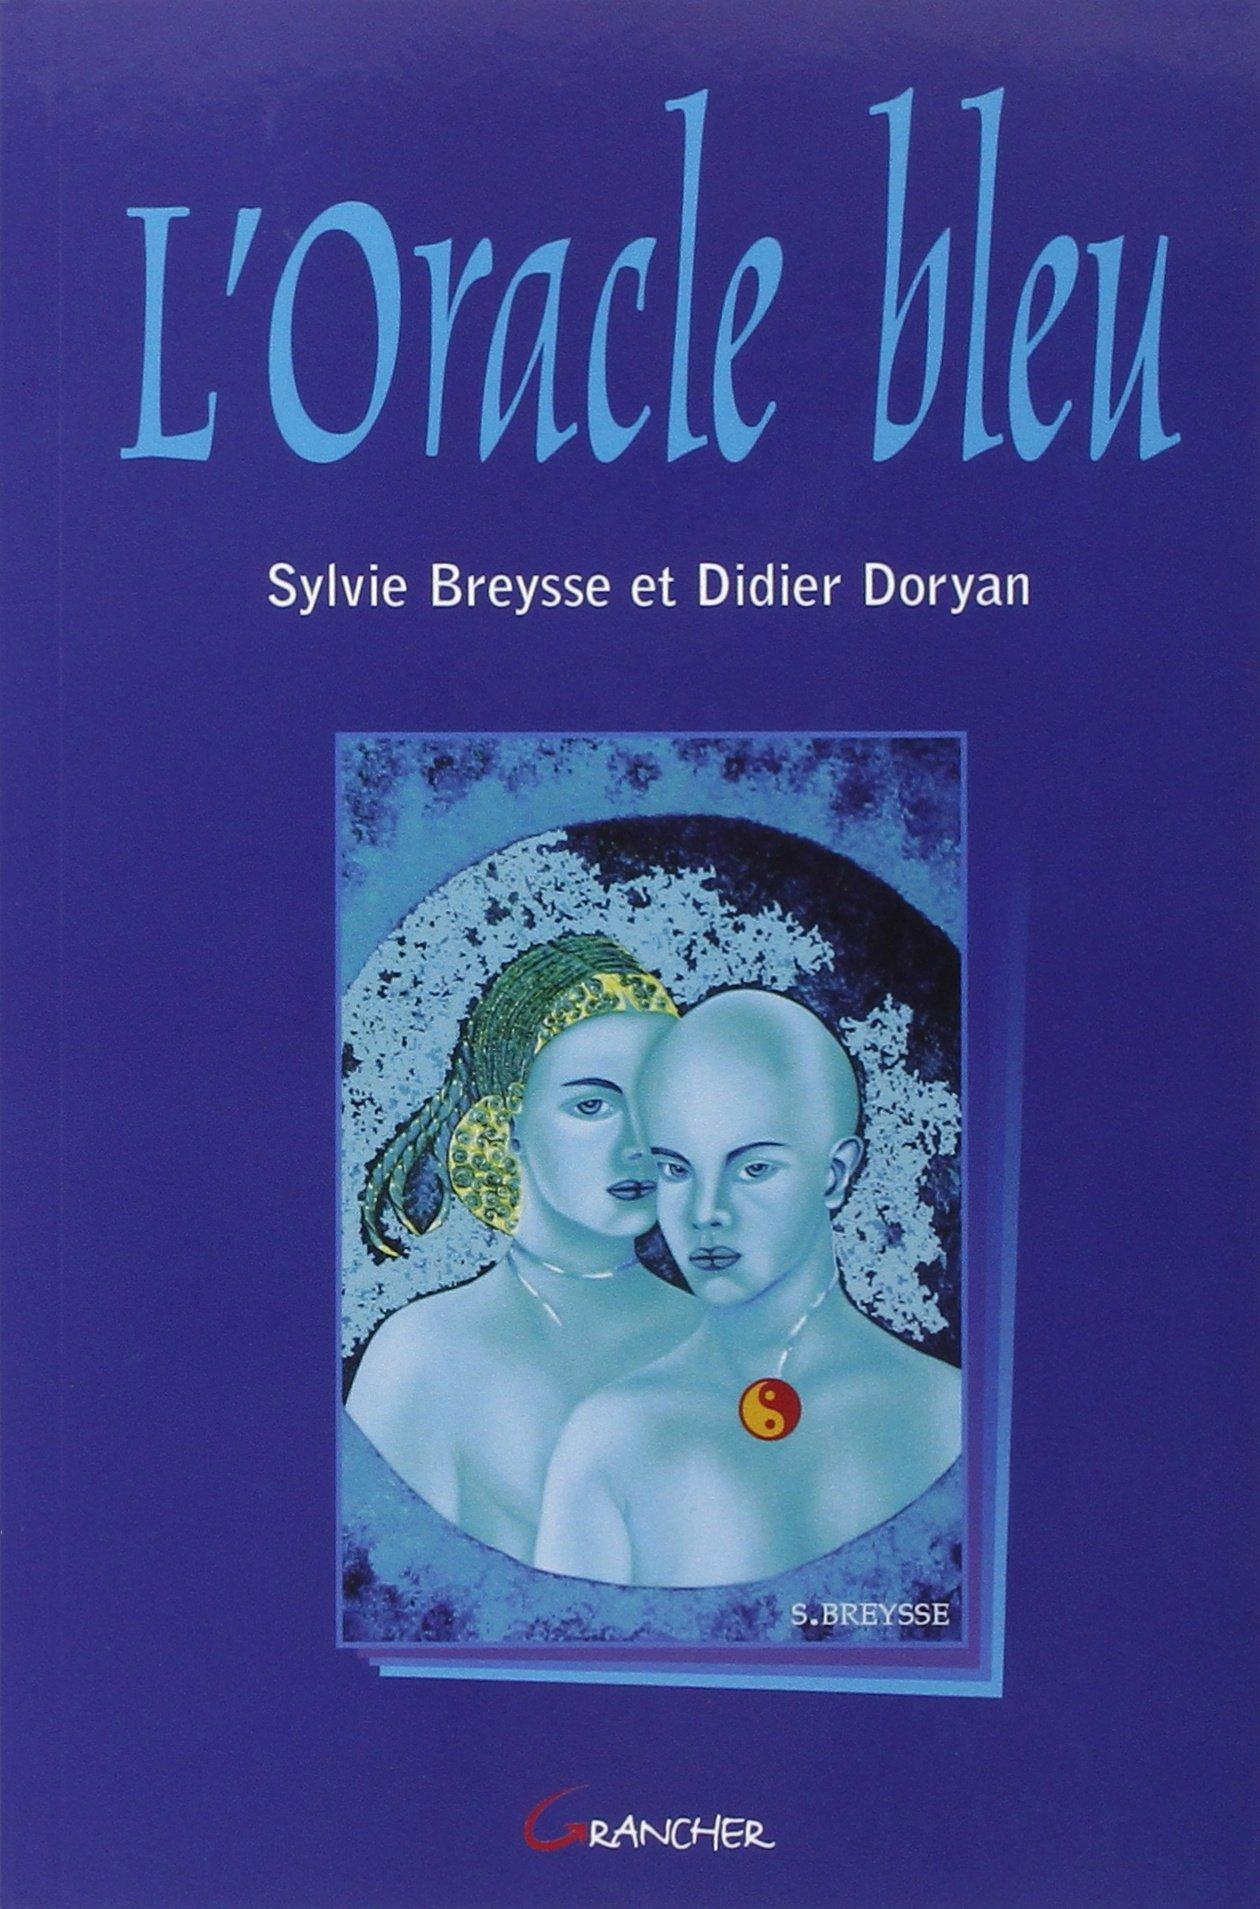 Amazon.fr - L Oracle bleu - Sylvie Breysse   Didier Doryan - Livres a15a3528d031